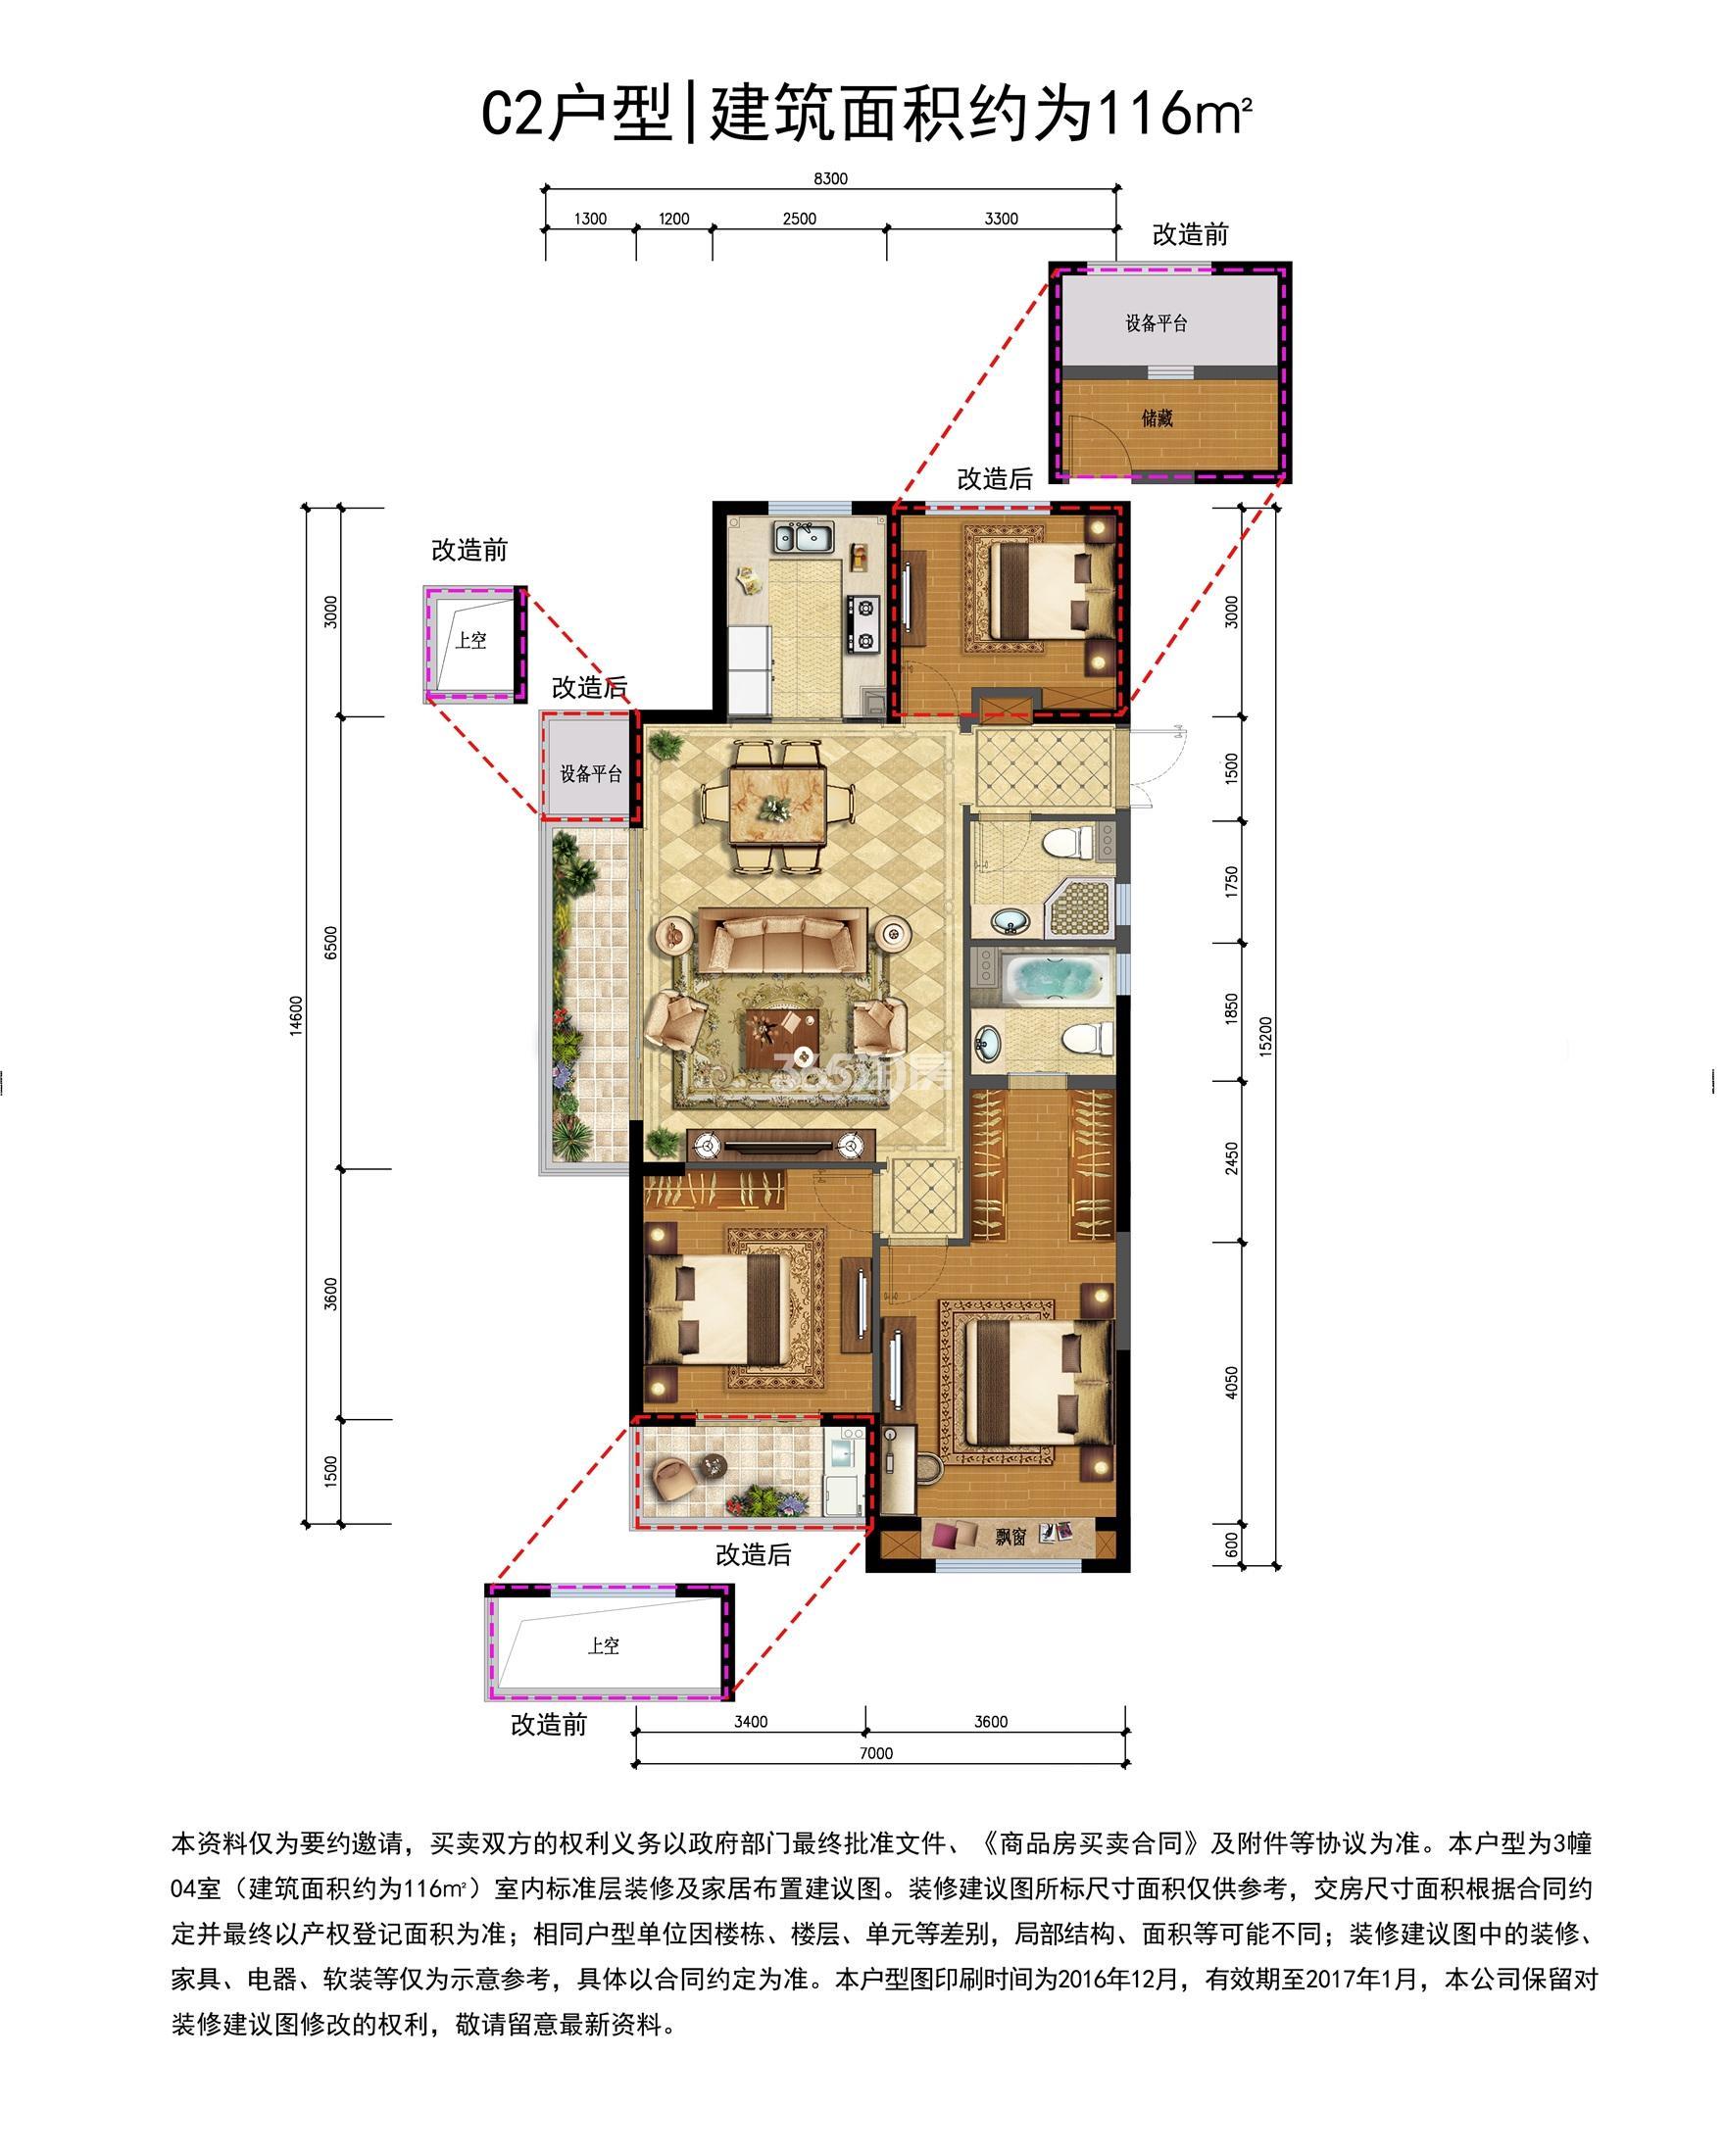 远洋招商上塘宸章高层4、5、7号楼C2户型 约116㎡